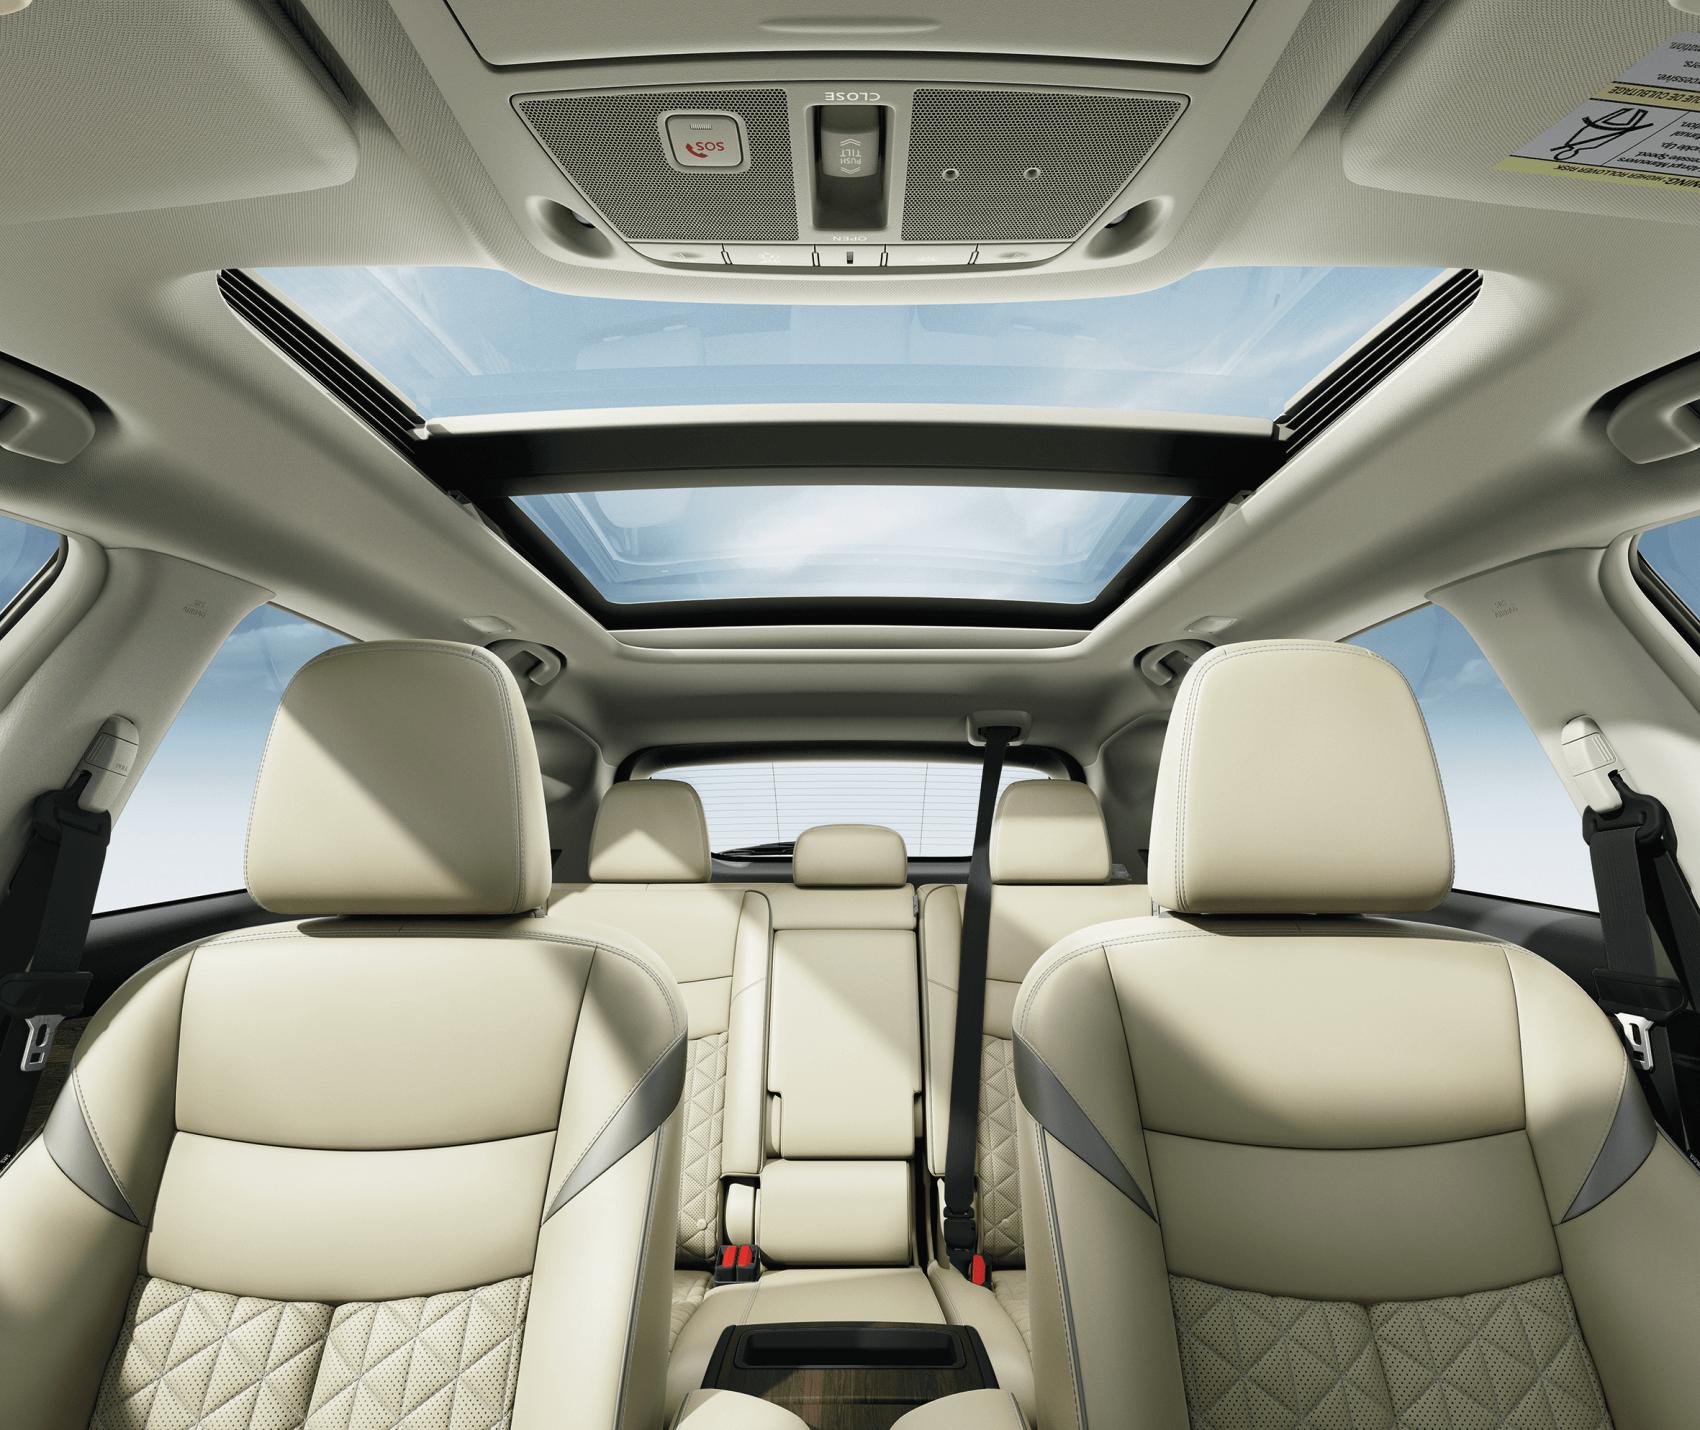 2021 Nissan Murano Interior Cabin Space Sheridan Nissan